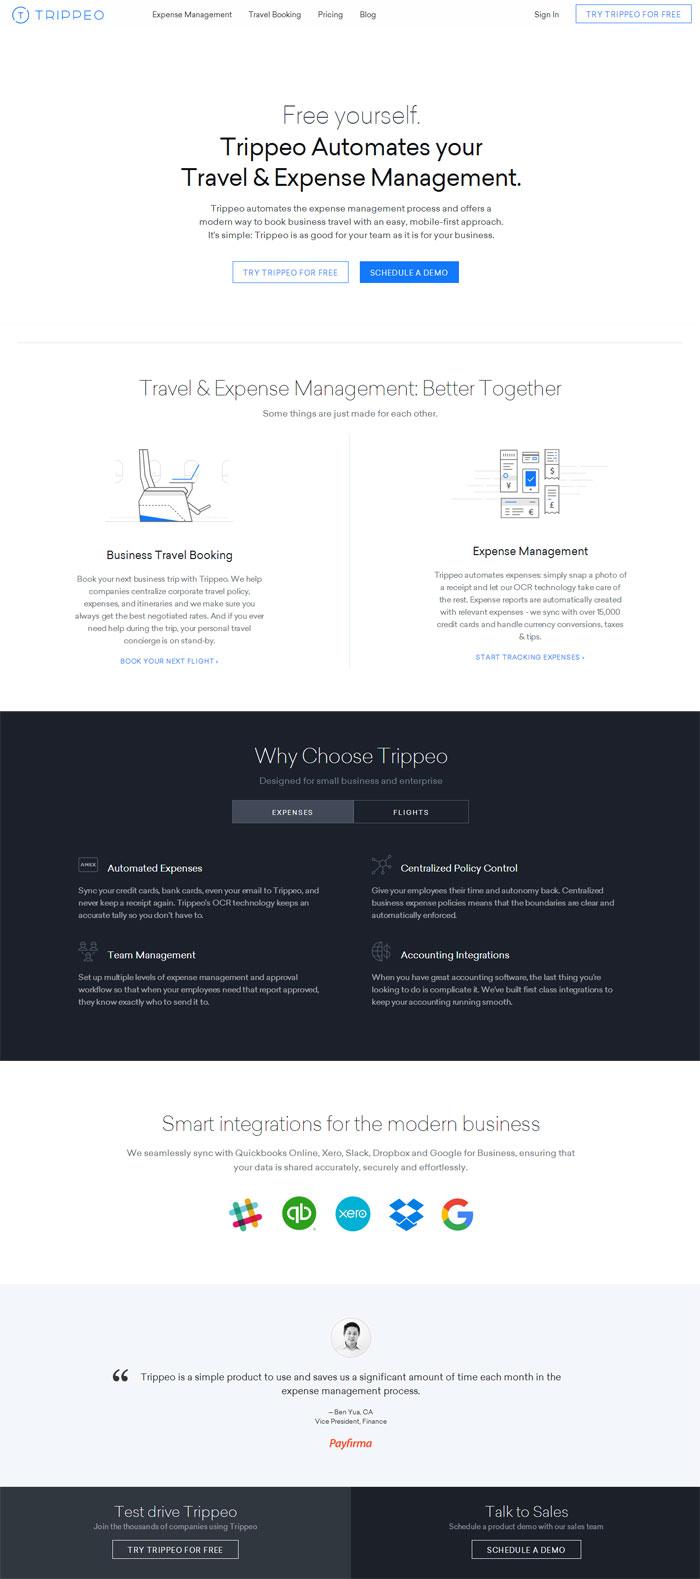 一款创意摄影app的宣传网站着陆页 怎么样,这些出自国外 ui 设计师之